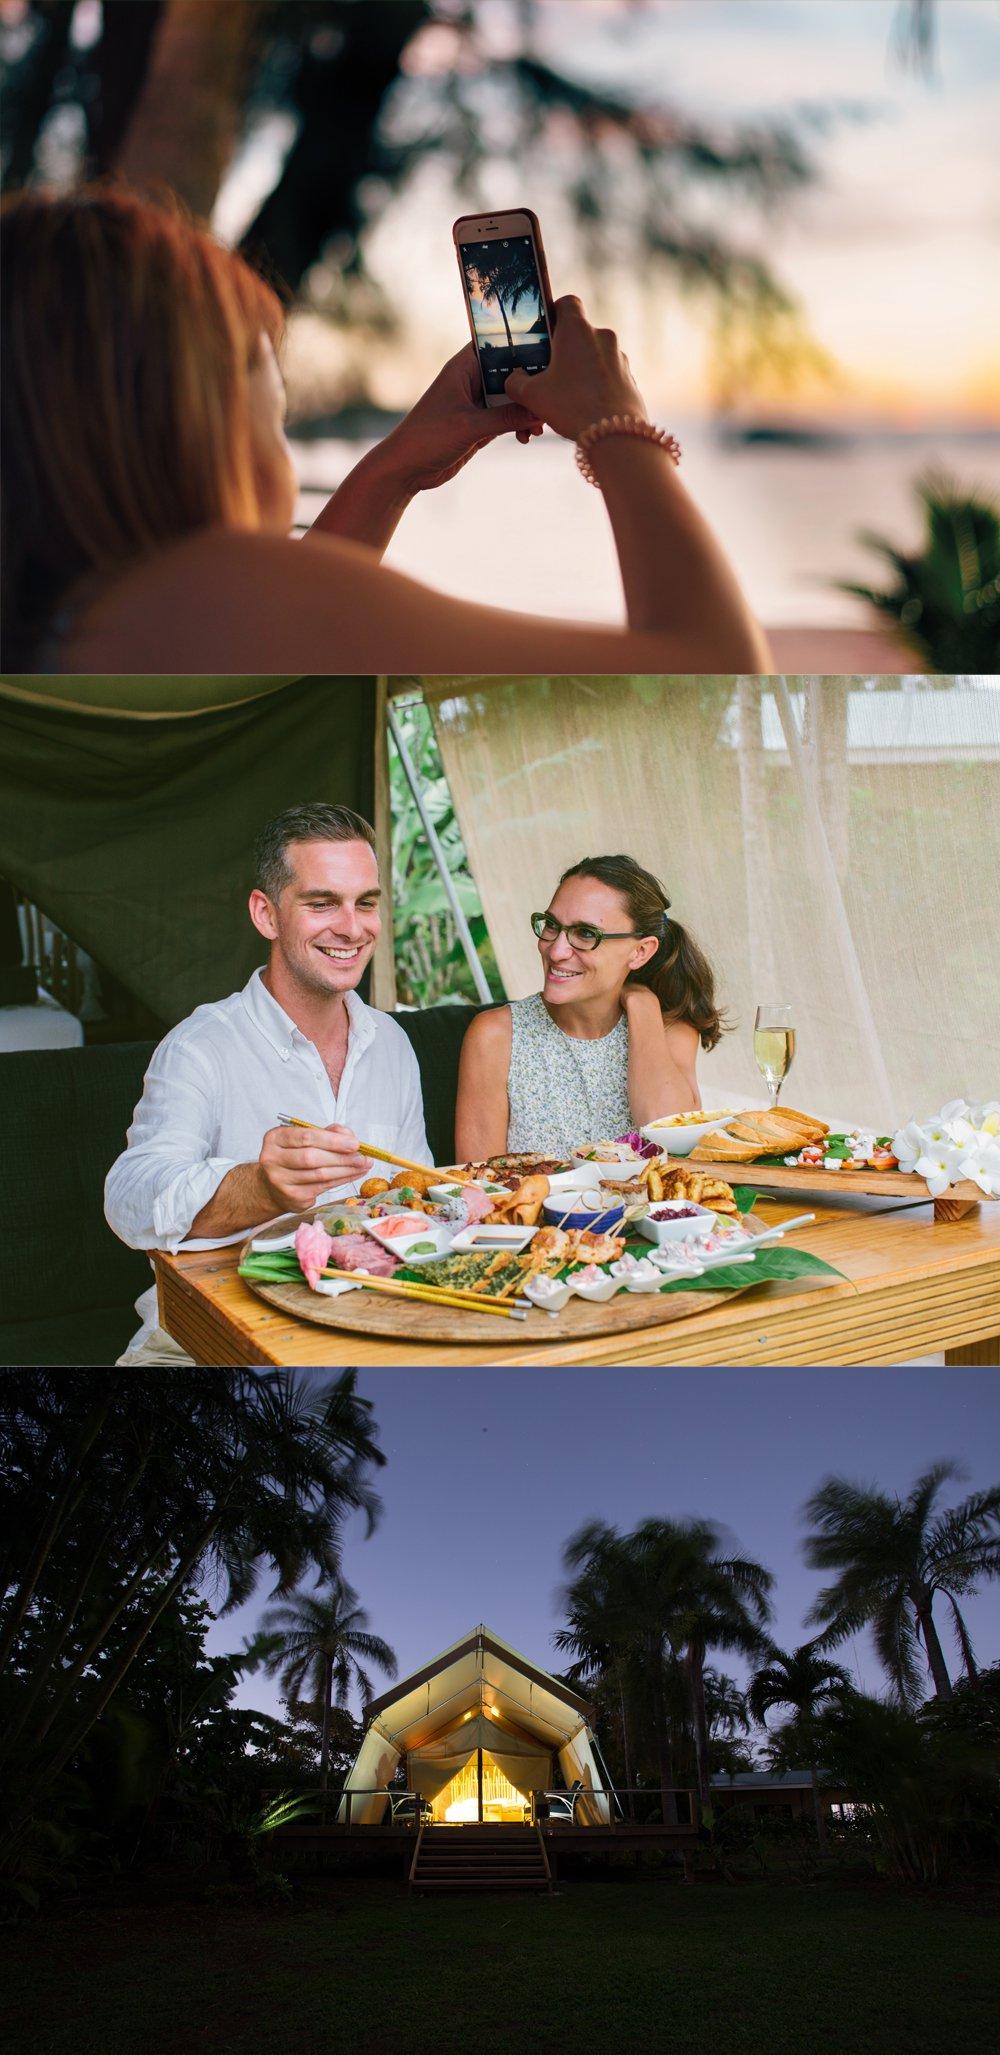 Ikurangi Retreat Collage 4